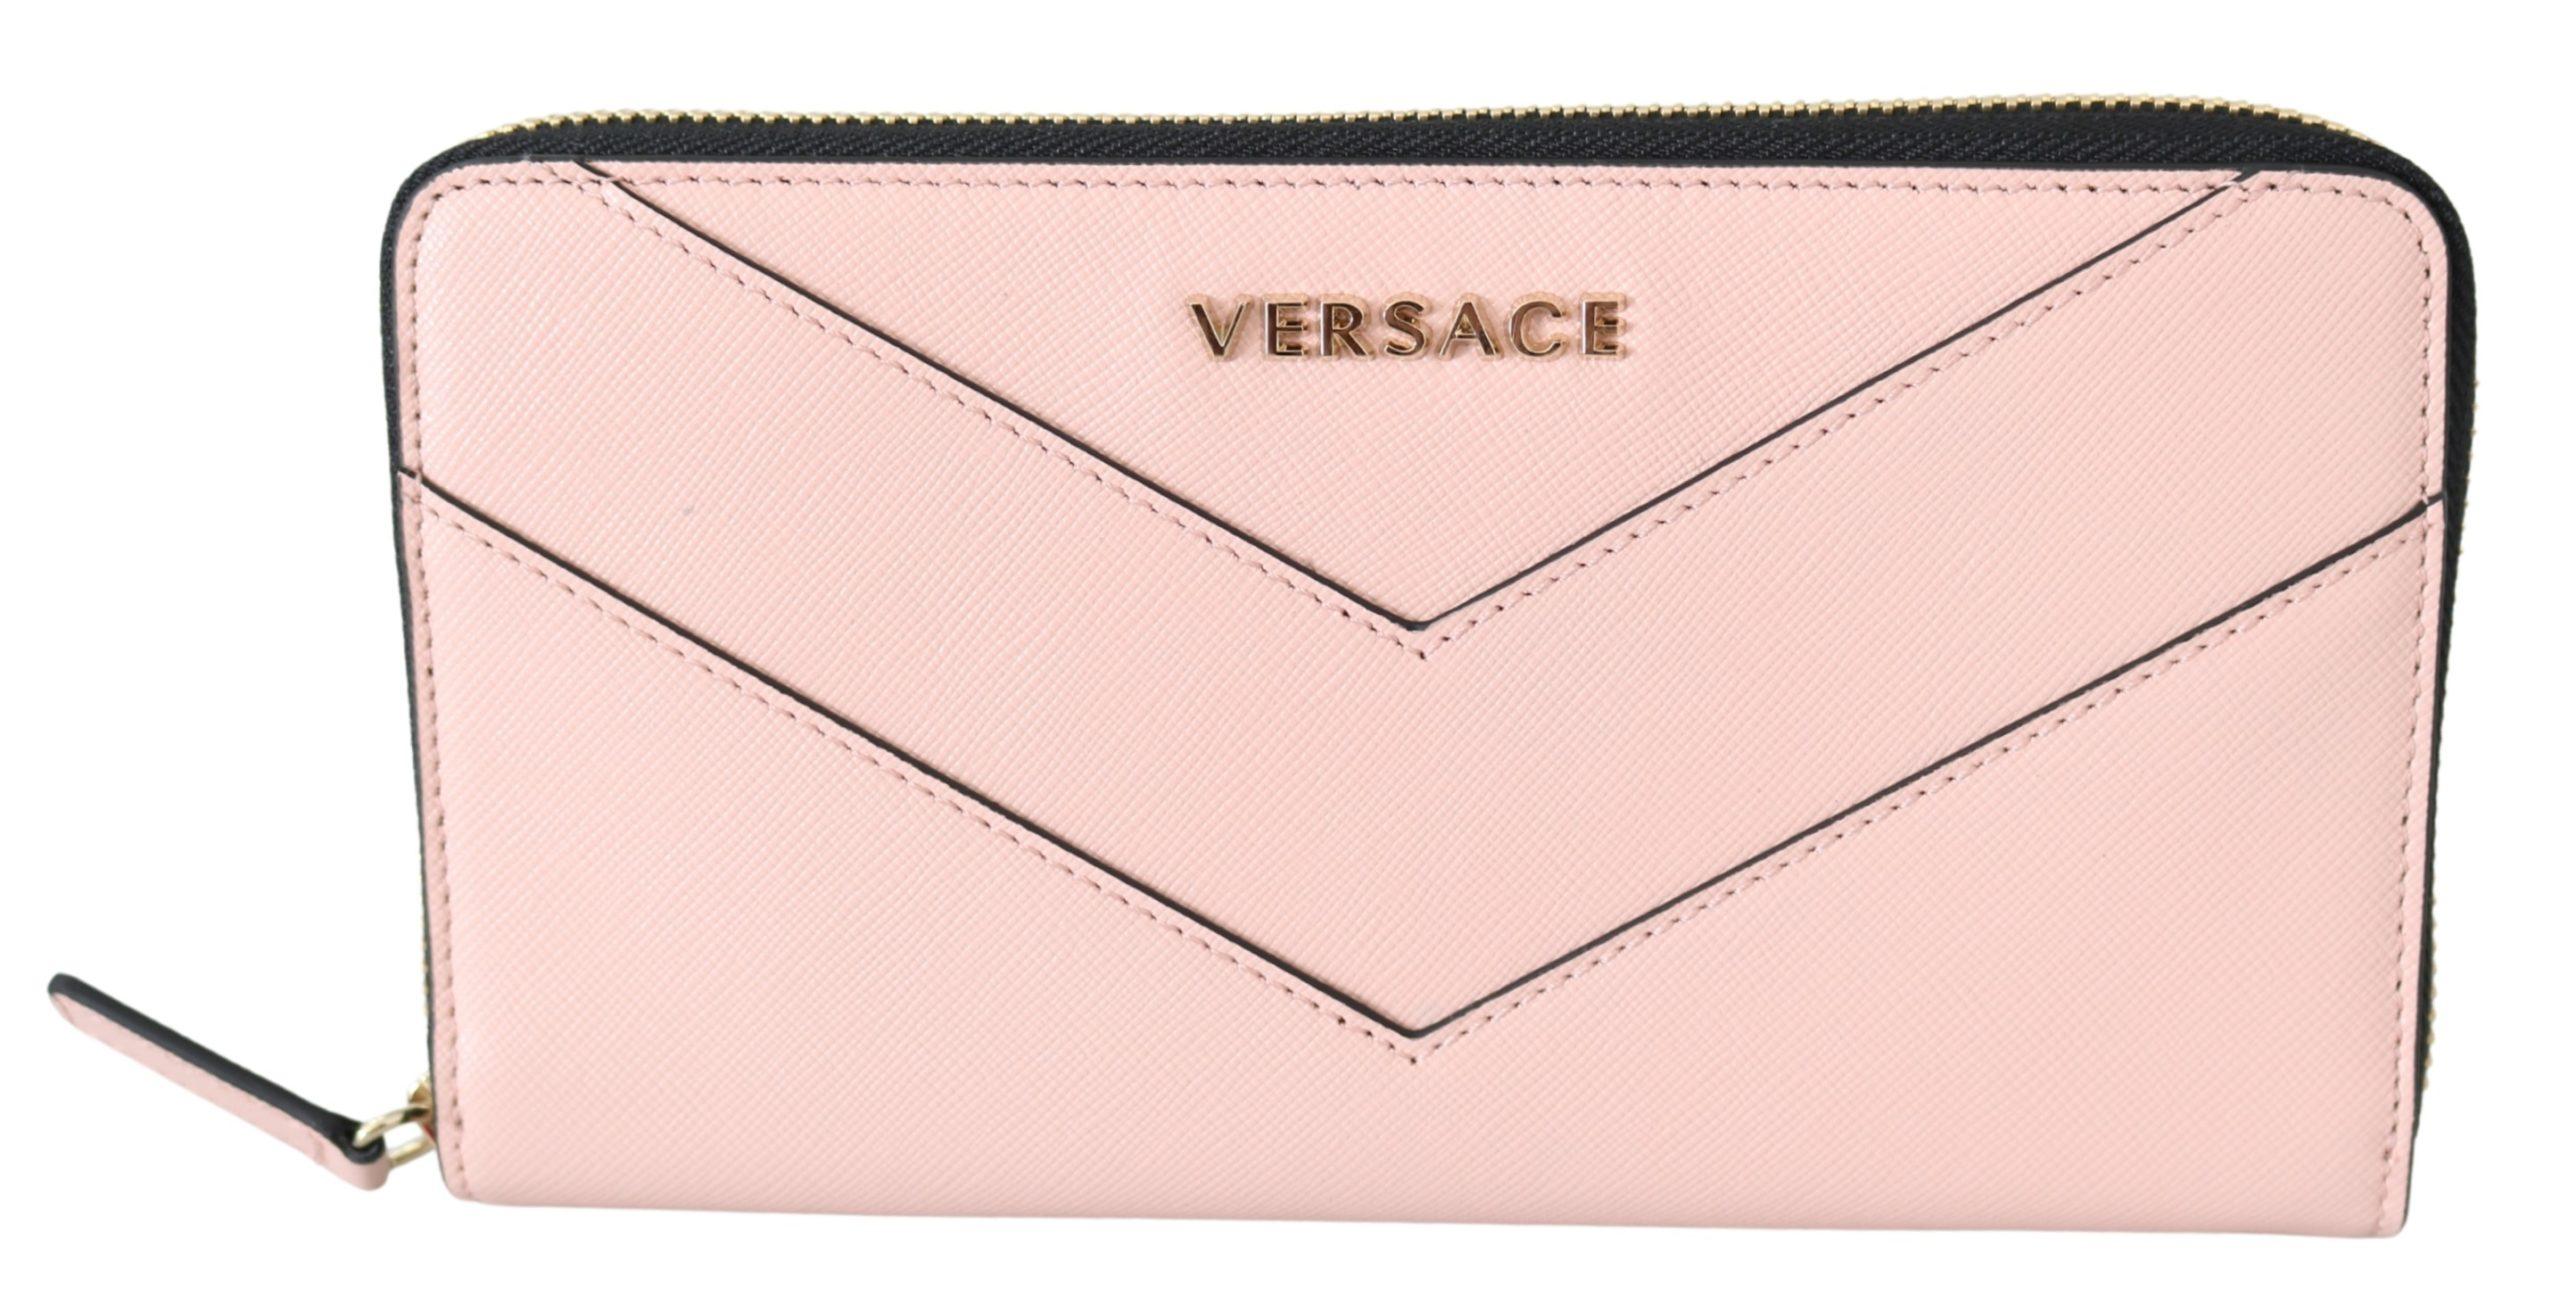 Versace Women's Zip Around Leather Wallet Pink 8053850421268